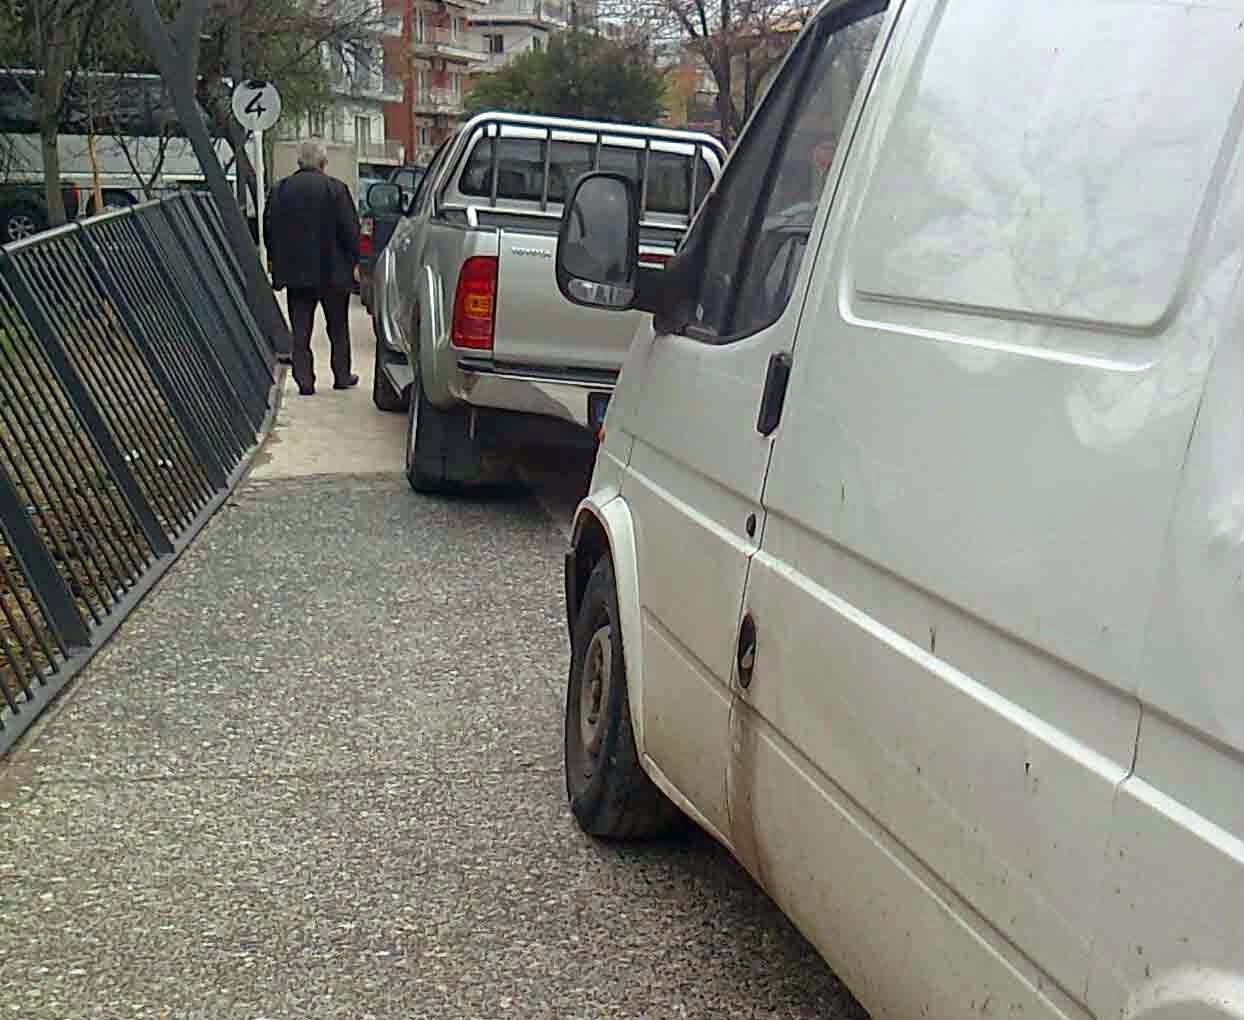 Πριν πάρκαραν στον τωρινό πεζόδρομο, τώρα ενοχλούν τους πάντες στις γειτονιές